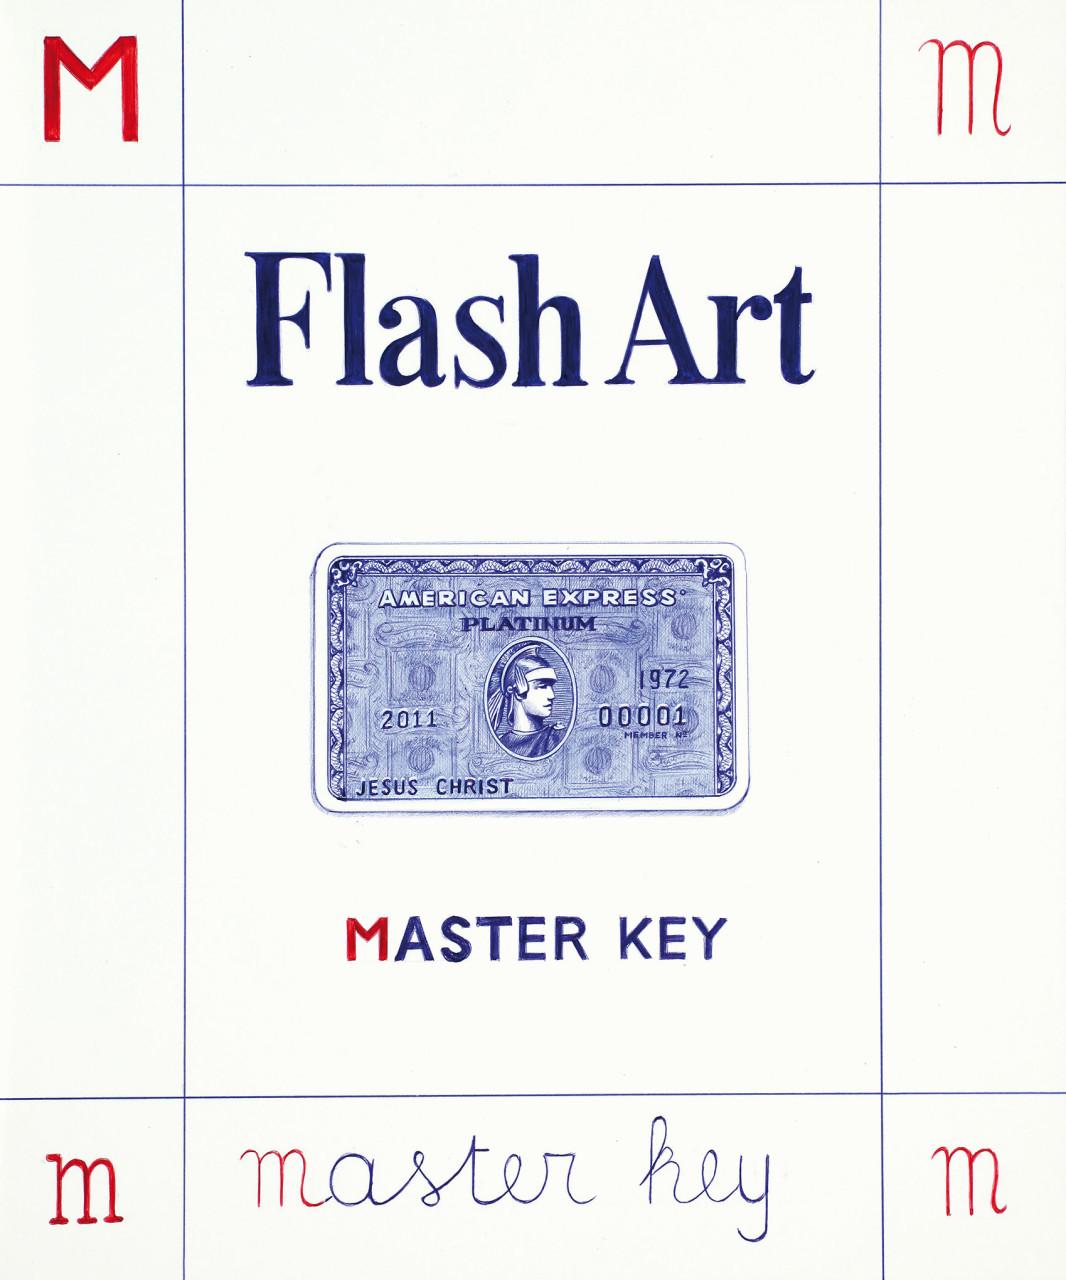 12M-master key